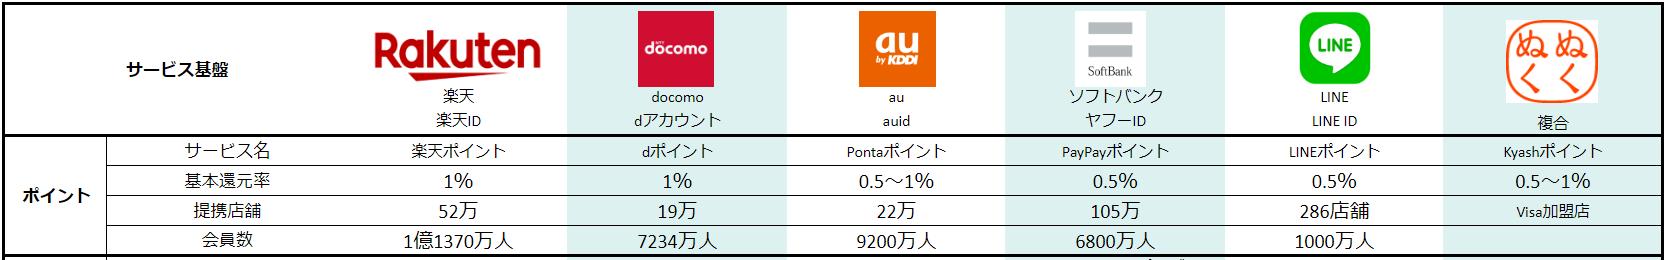 「楽天経済圏」と「ドコモ・au・ヤフー経済圏」のポイントサービス比較